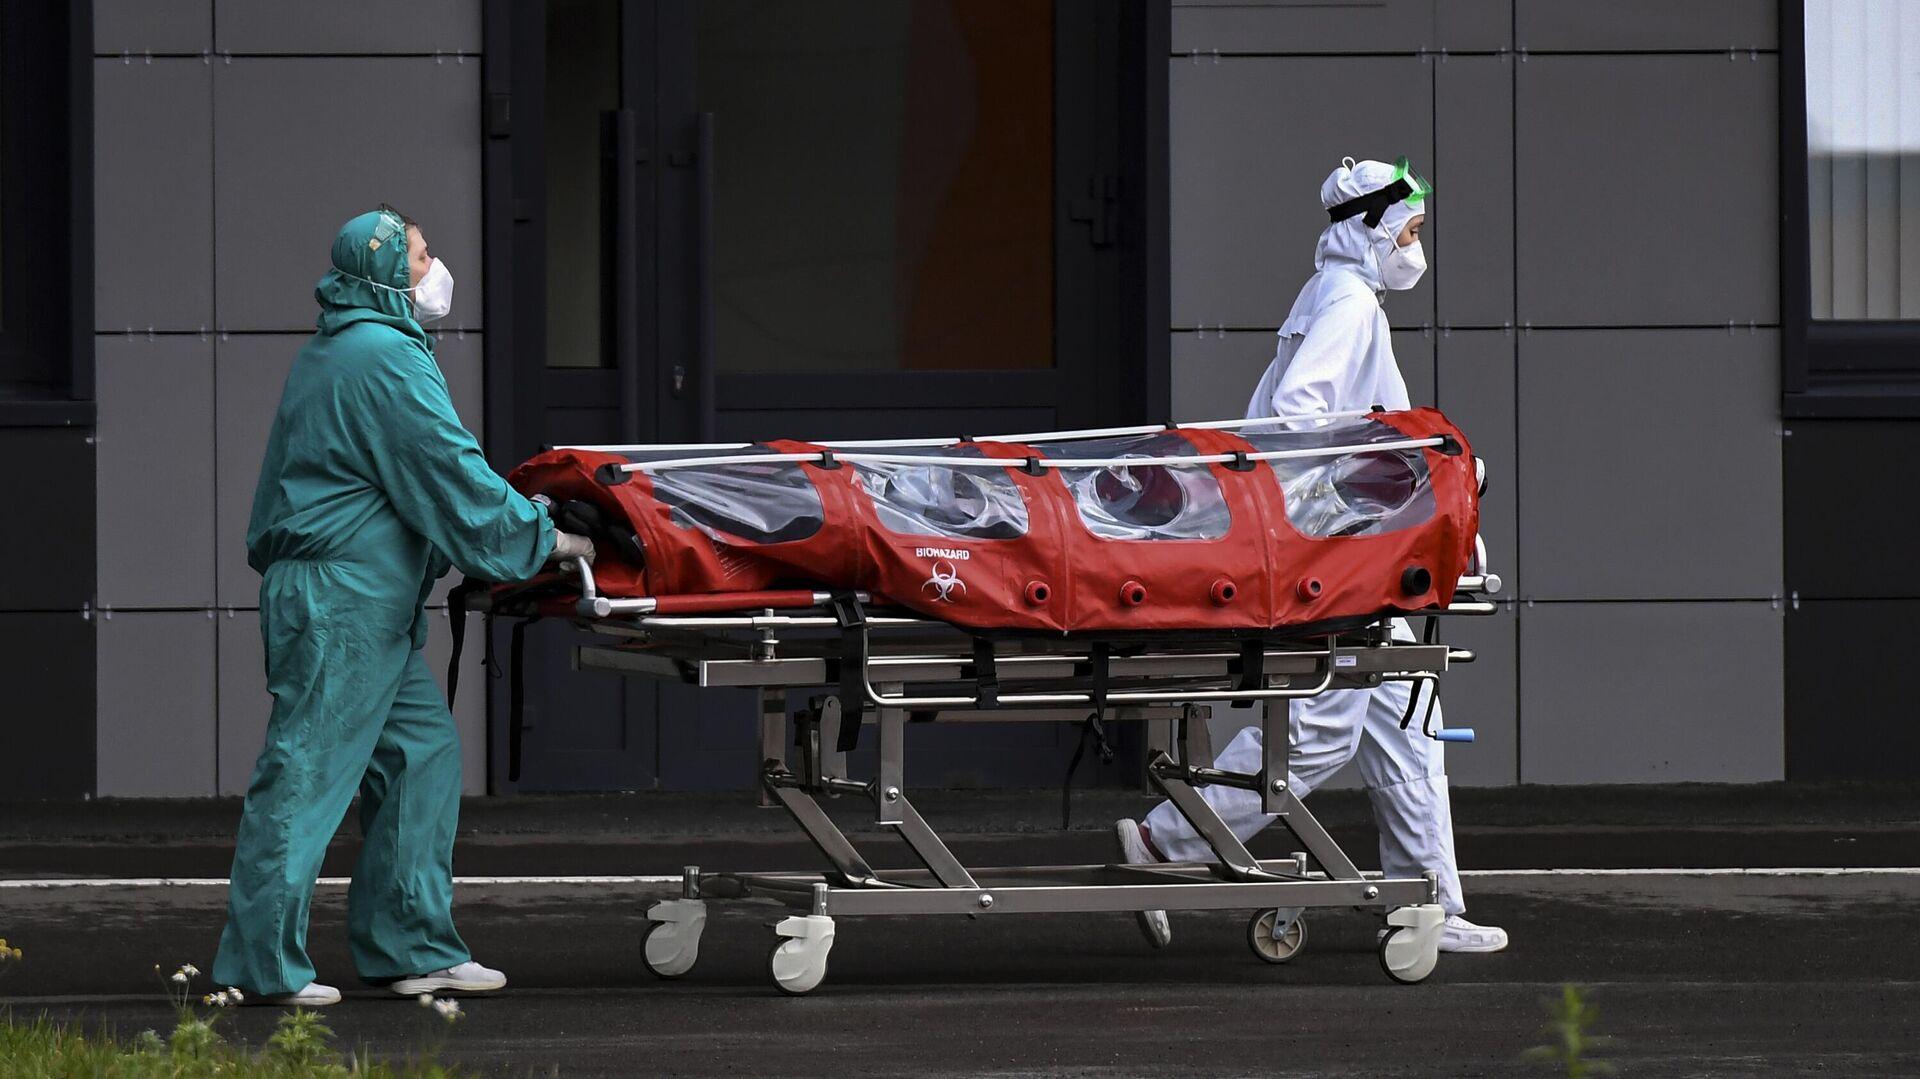 Медицинские сотрудники транспортируют пациента на каталке в Республиканскую клиническую инфекционную больницу в Казани, где возобновлен прием пациентов с COVID-19 - РИА Новости, 1920, 12.10.2021